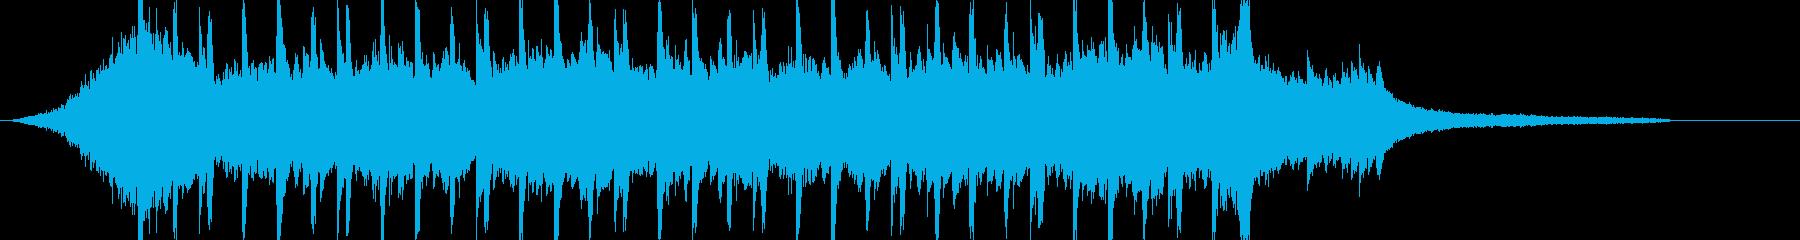 企業VP系48、爽やかピアノ4つ打ちcの再生済みの波形